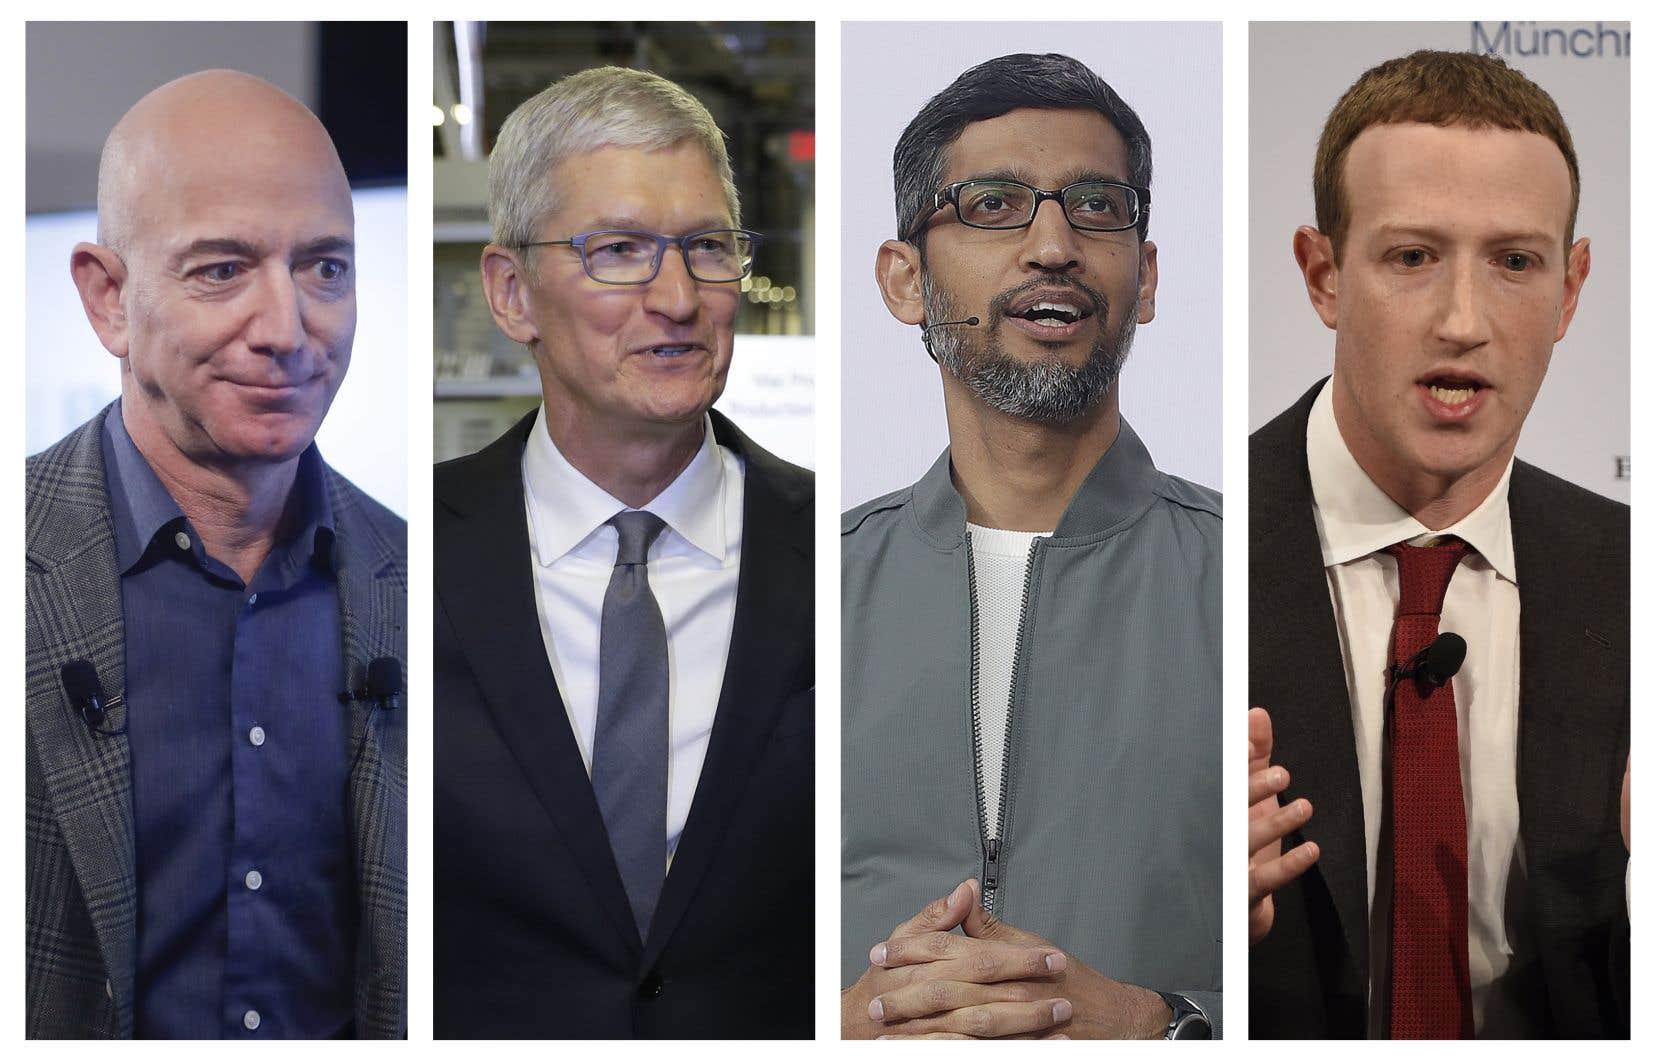 Jeff Bezos, Tim Cook, Sundar Pichai et Mark Zuckerberg, respectivement chef de la direction d'Amazon, d'Apple, d'Alphabet (maison-mère de Google) et de Facebook, sont auditionnés mercredi par visioconférence par la commission judiciaire de la Chambre des représentants.